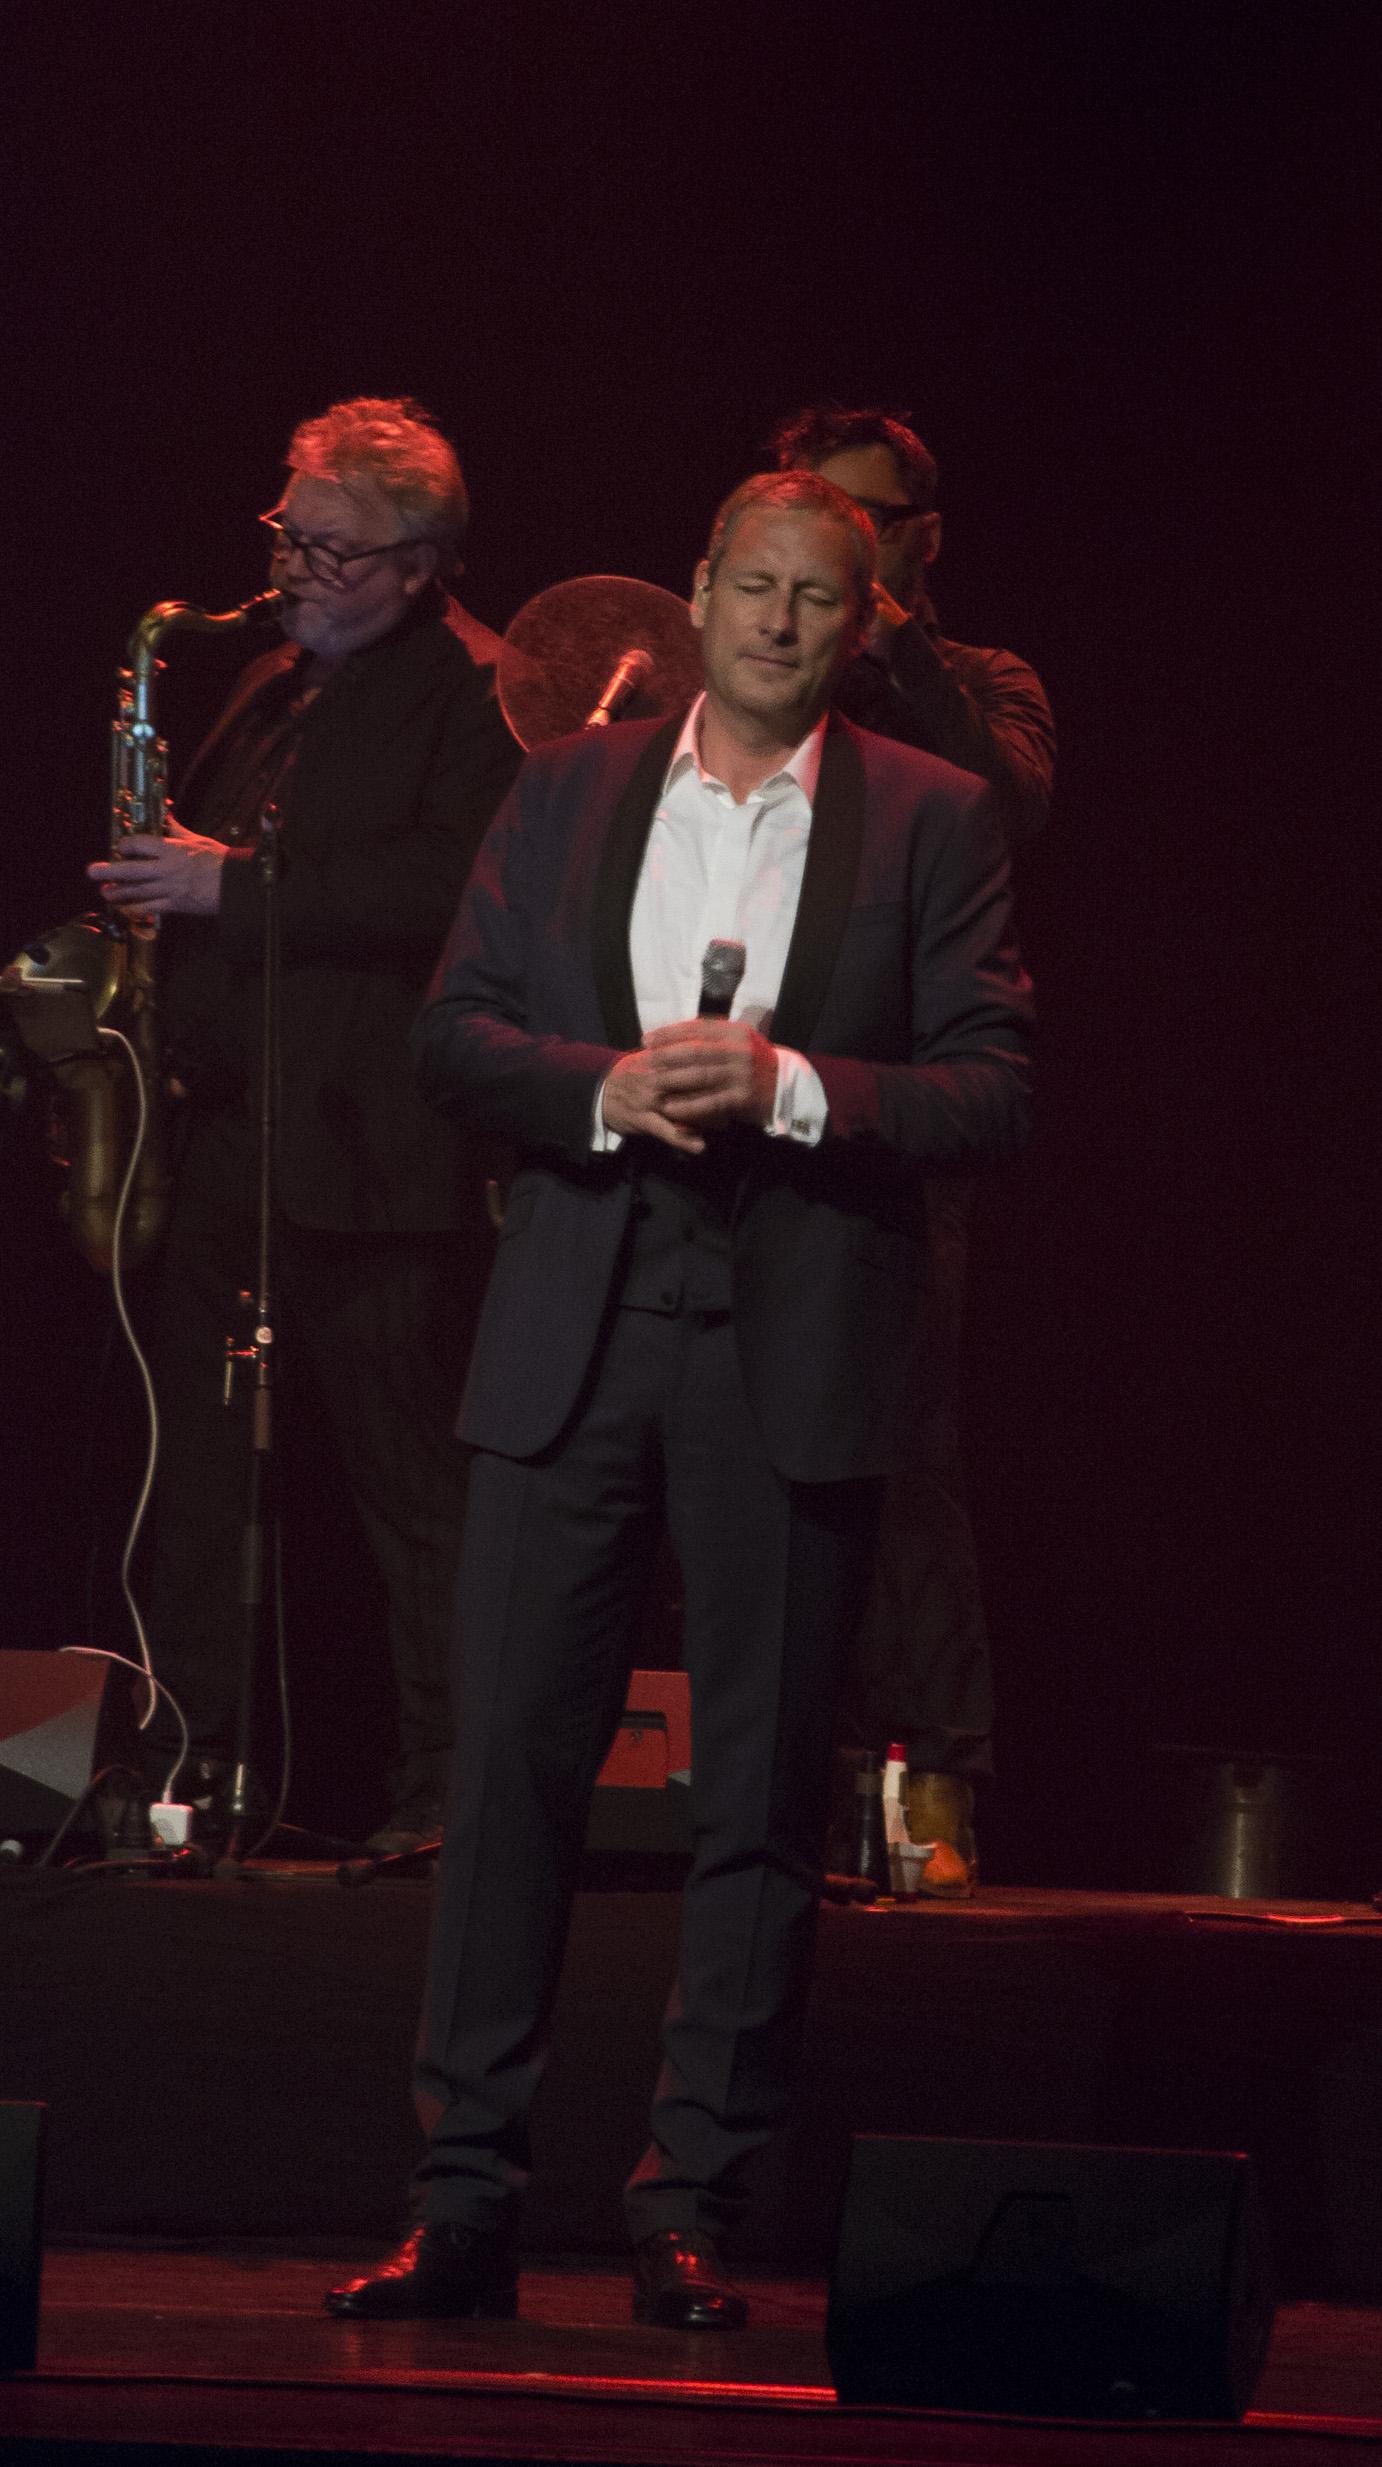 Il 50-anni, 189 cm alto Gert Verhulst in 2018 photo